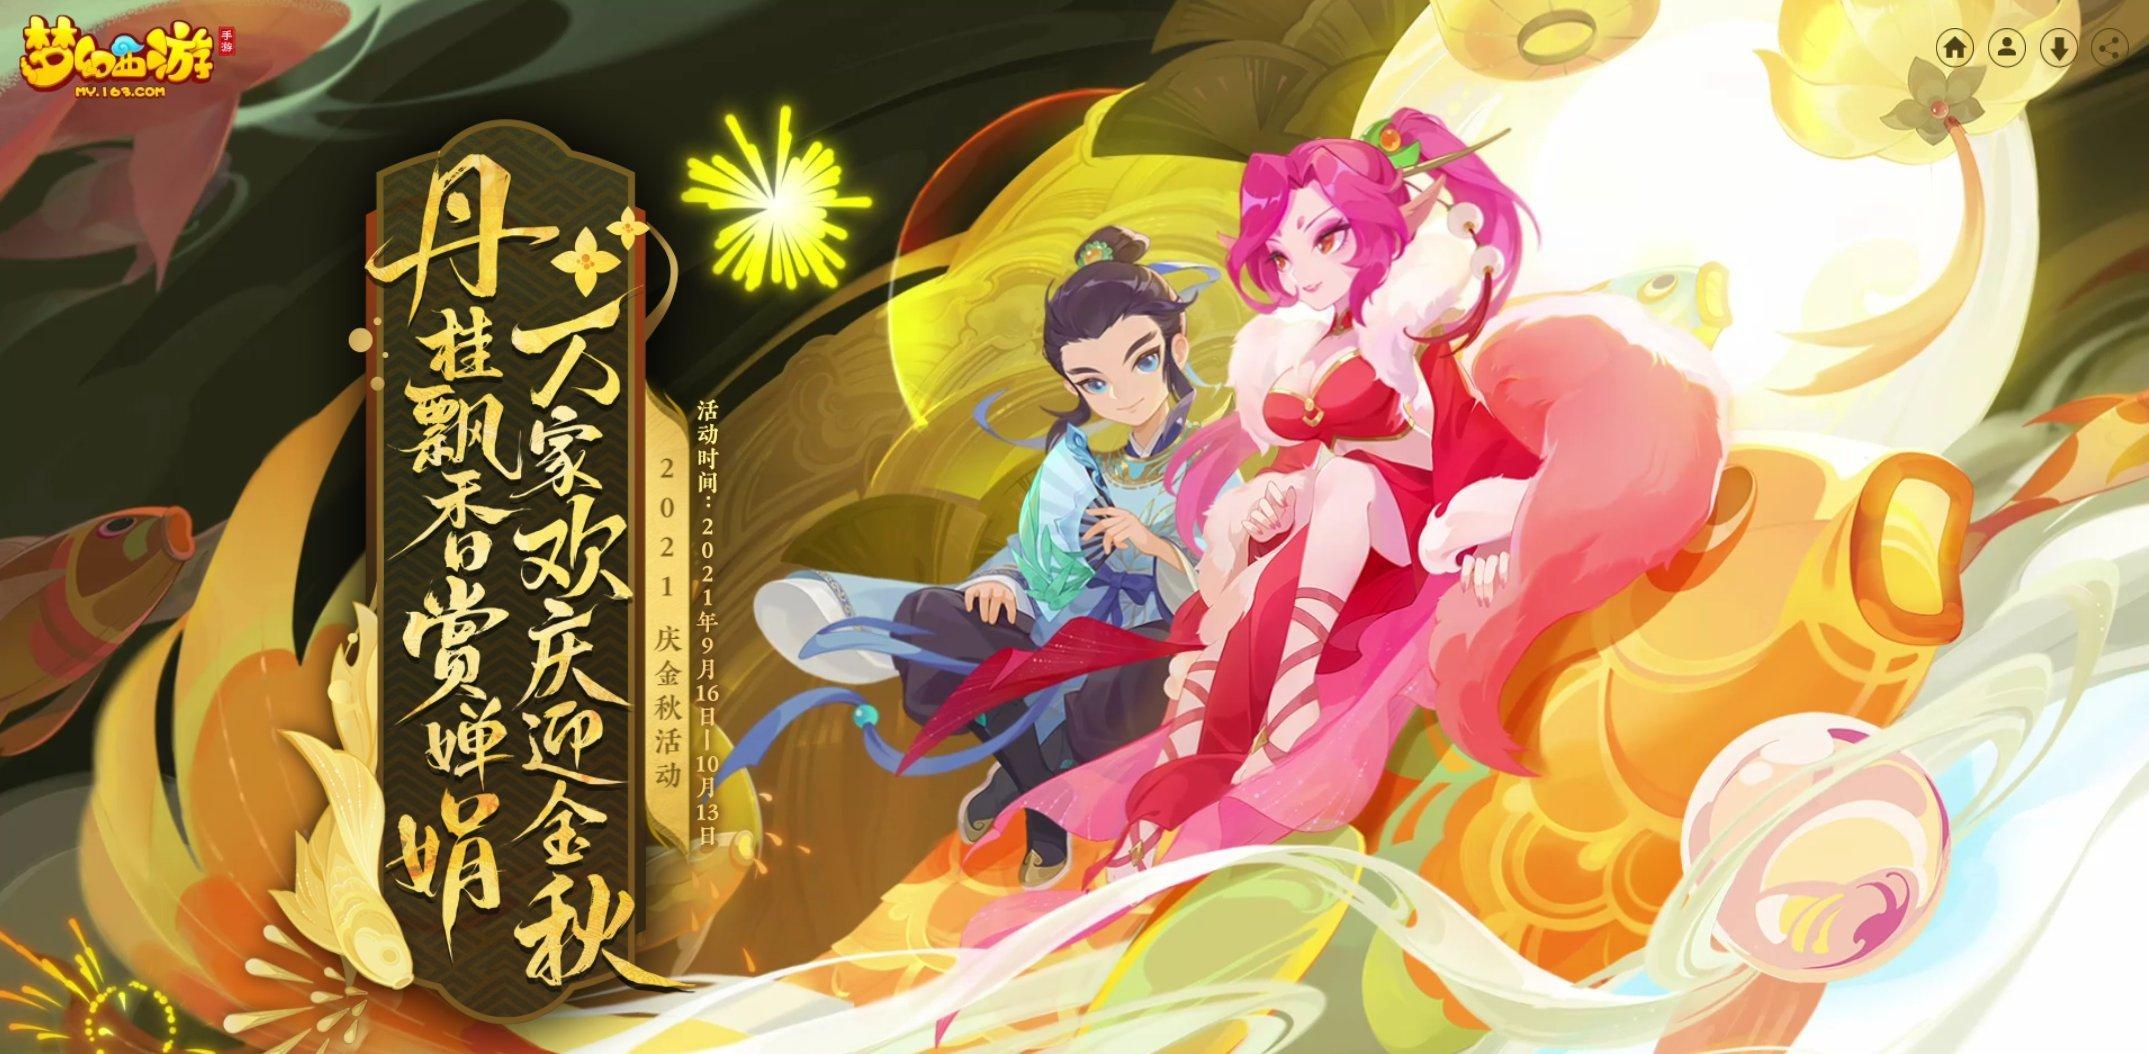 海上生明月,天涯共此时《梦幻西游》手游中秋节活动正式开启